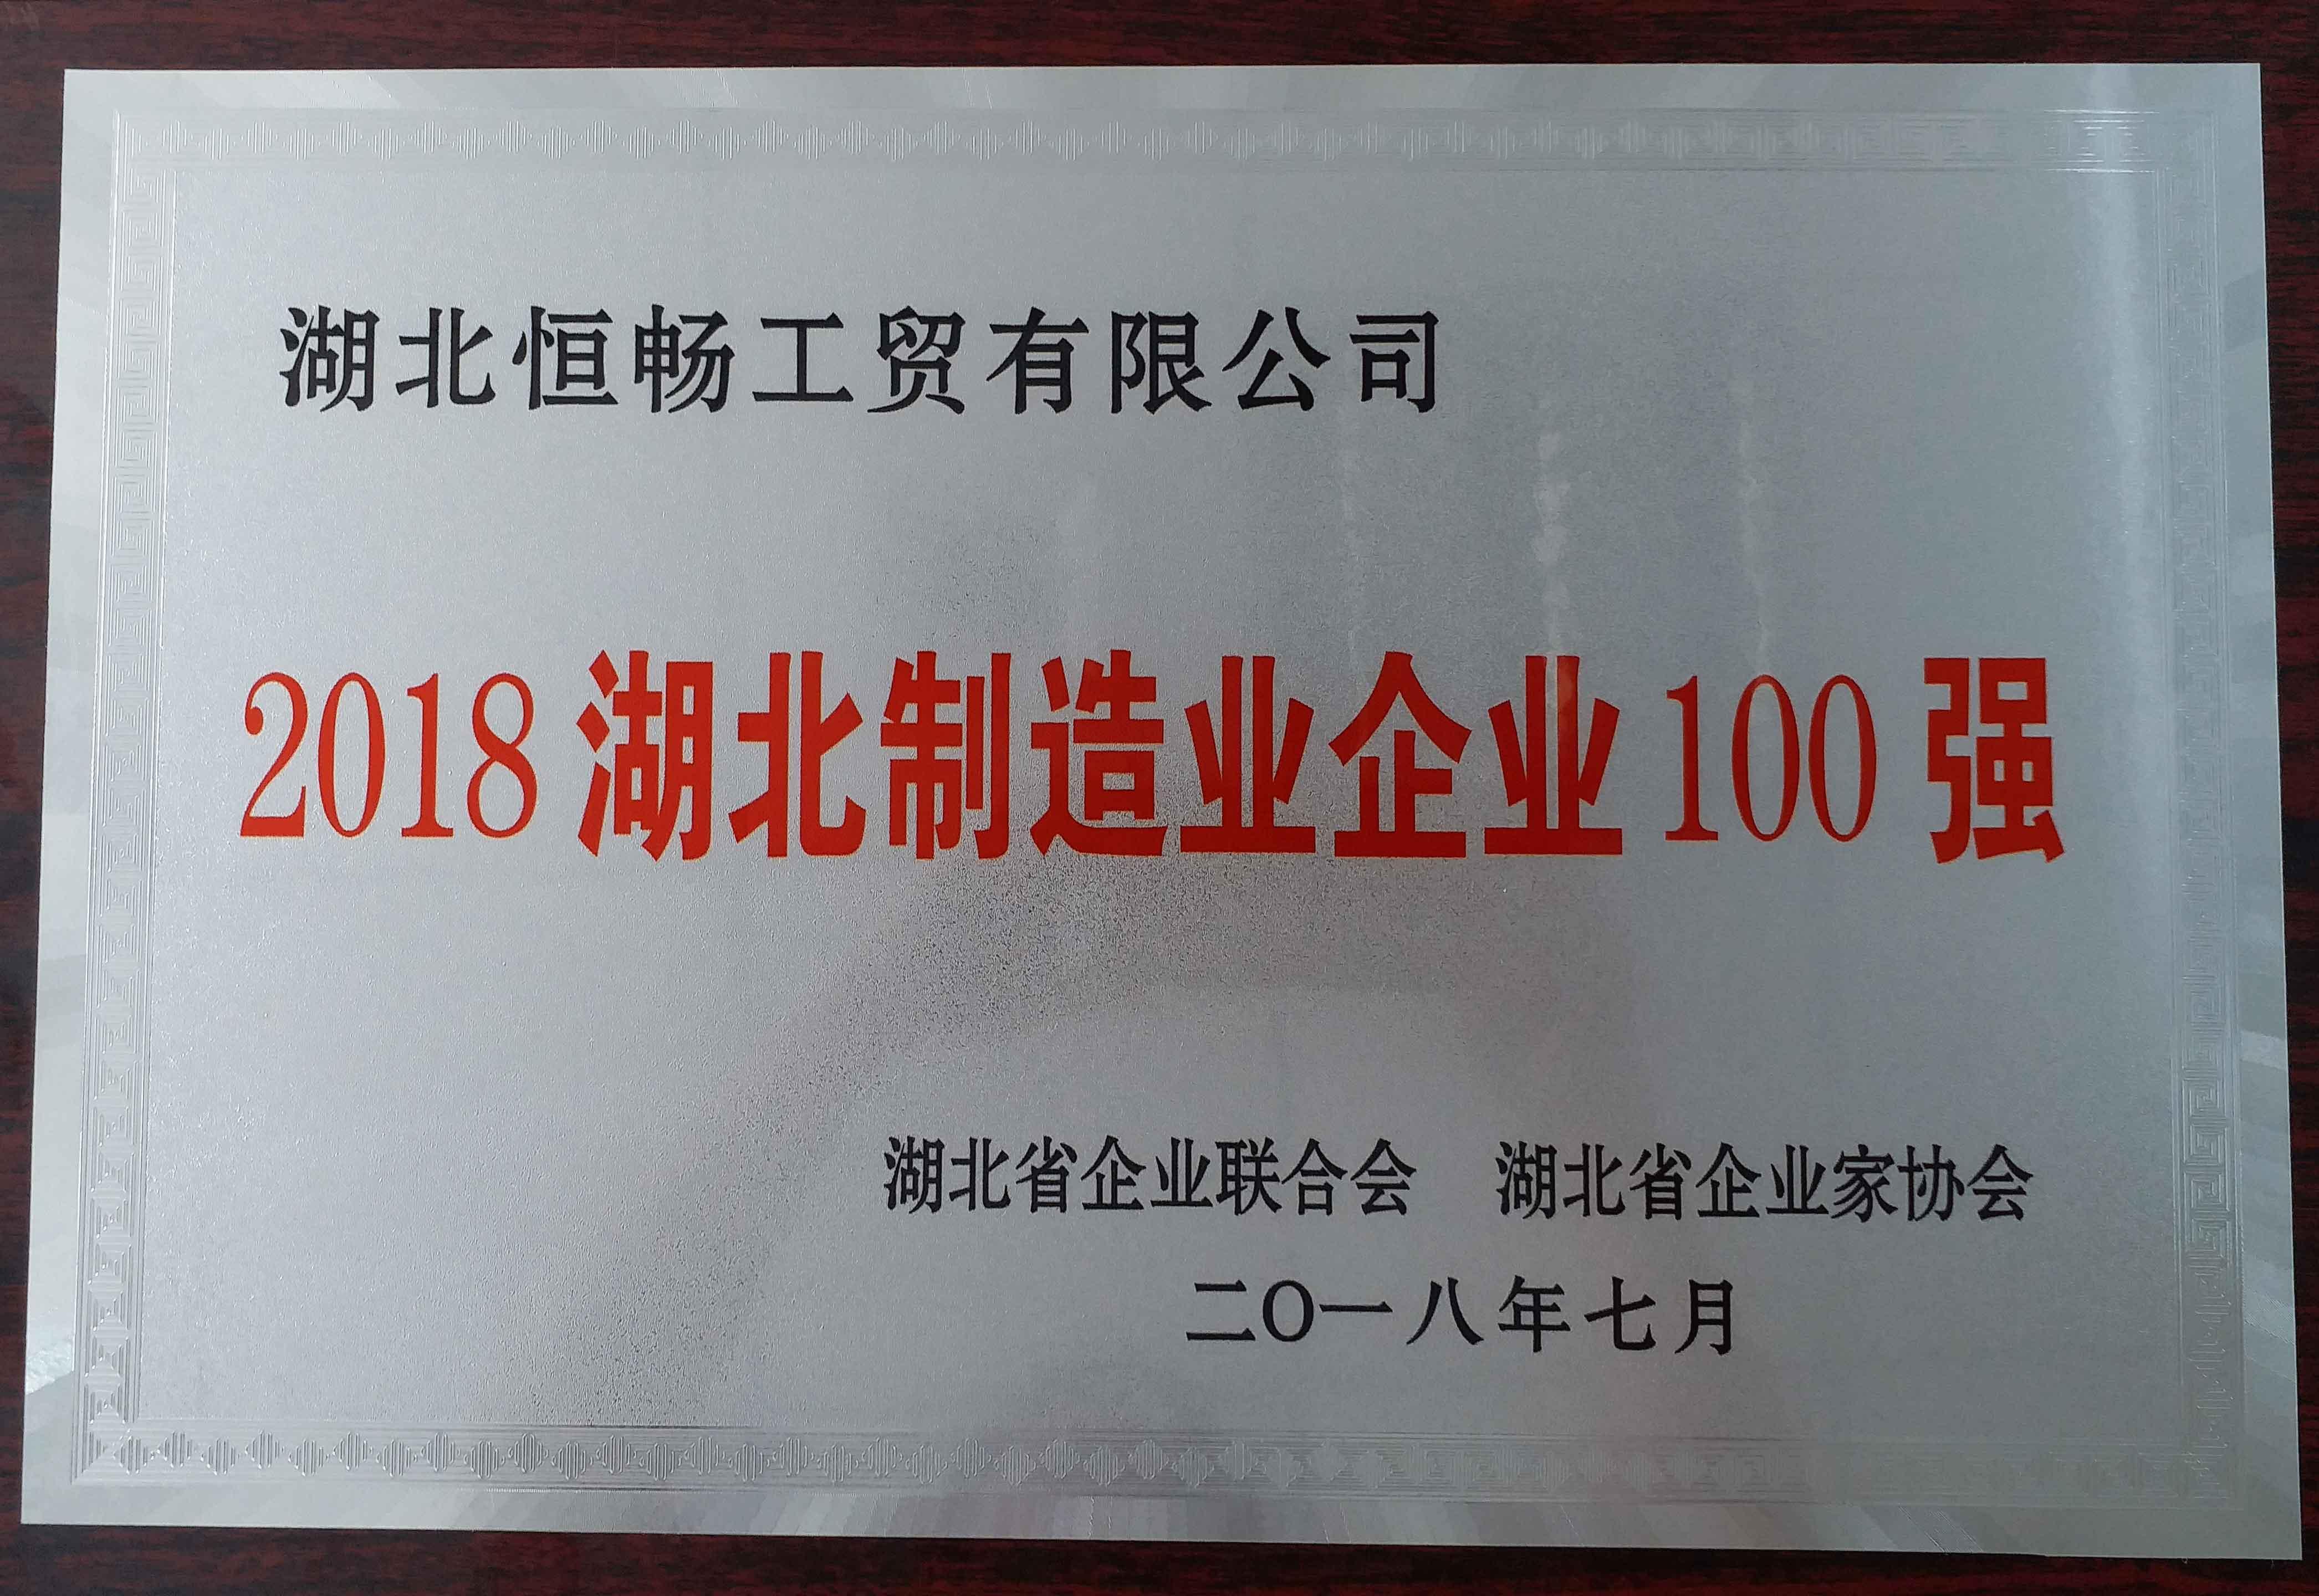 2018年度荣誉